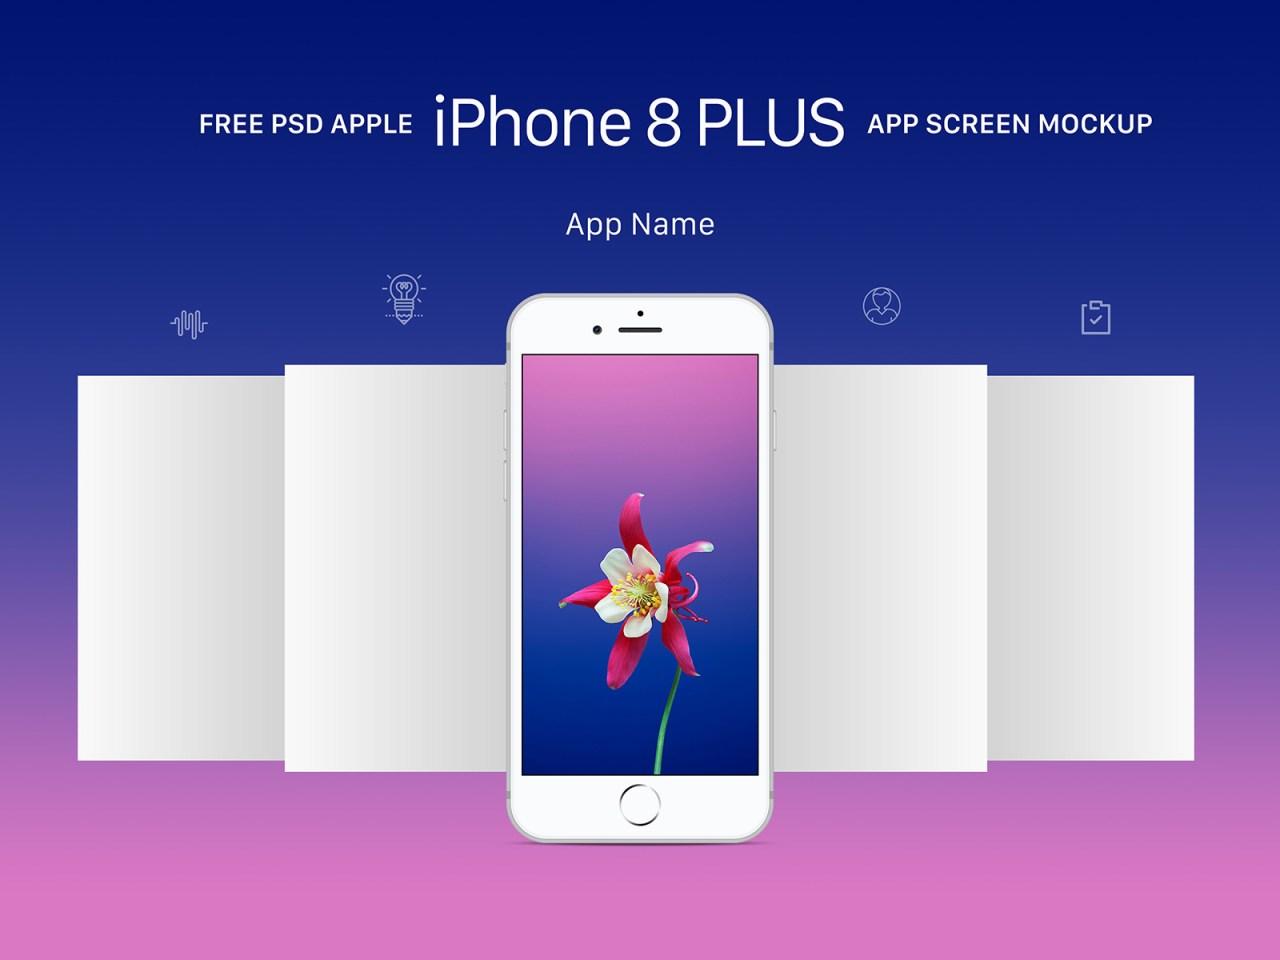 Бесплатный PSD мокап экранов приложения Apple iPhone 8 Plus Gold, Gray и Space Gray